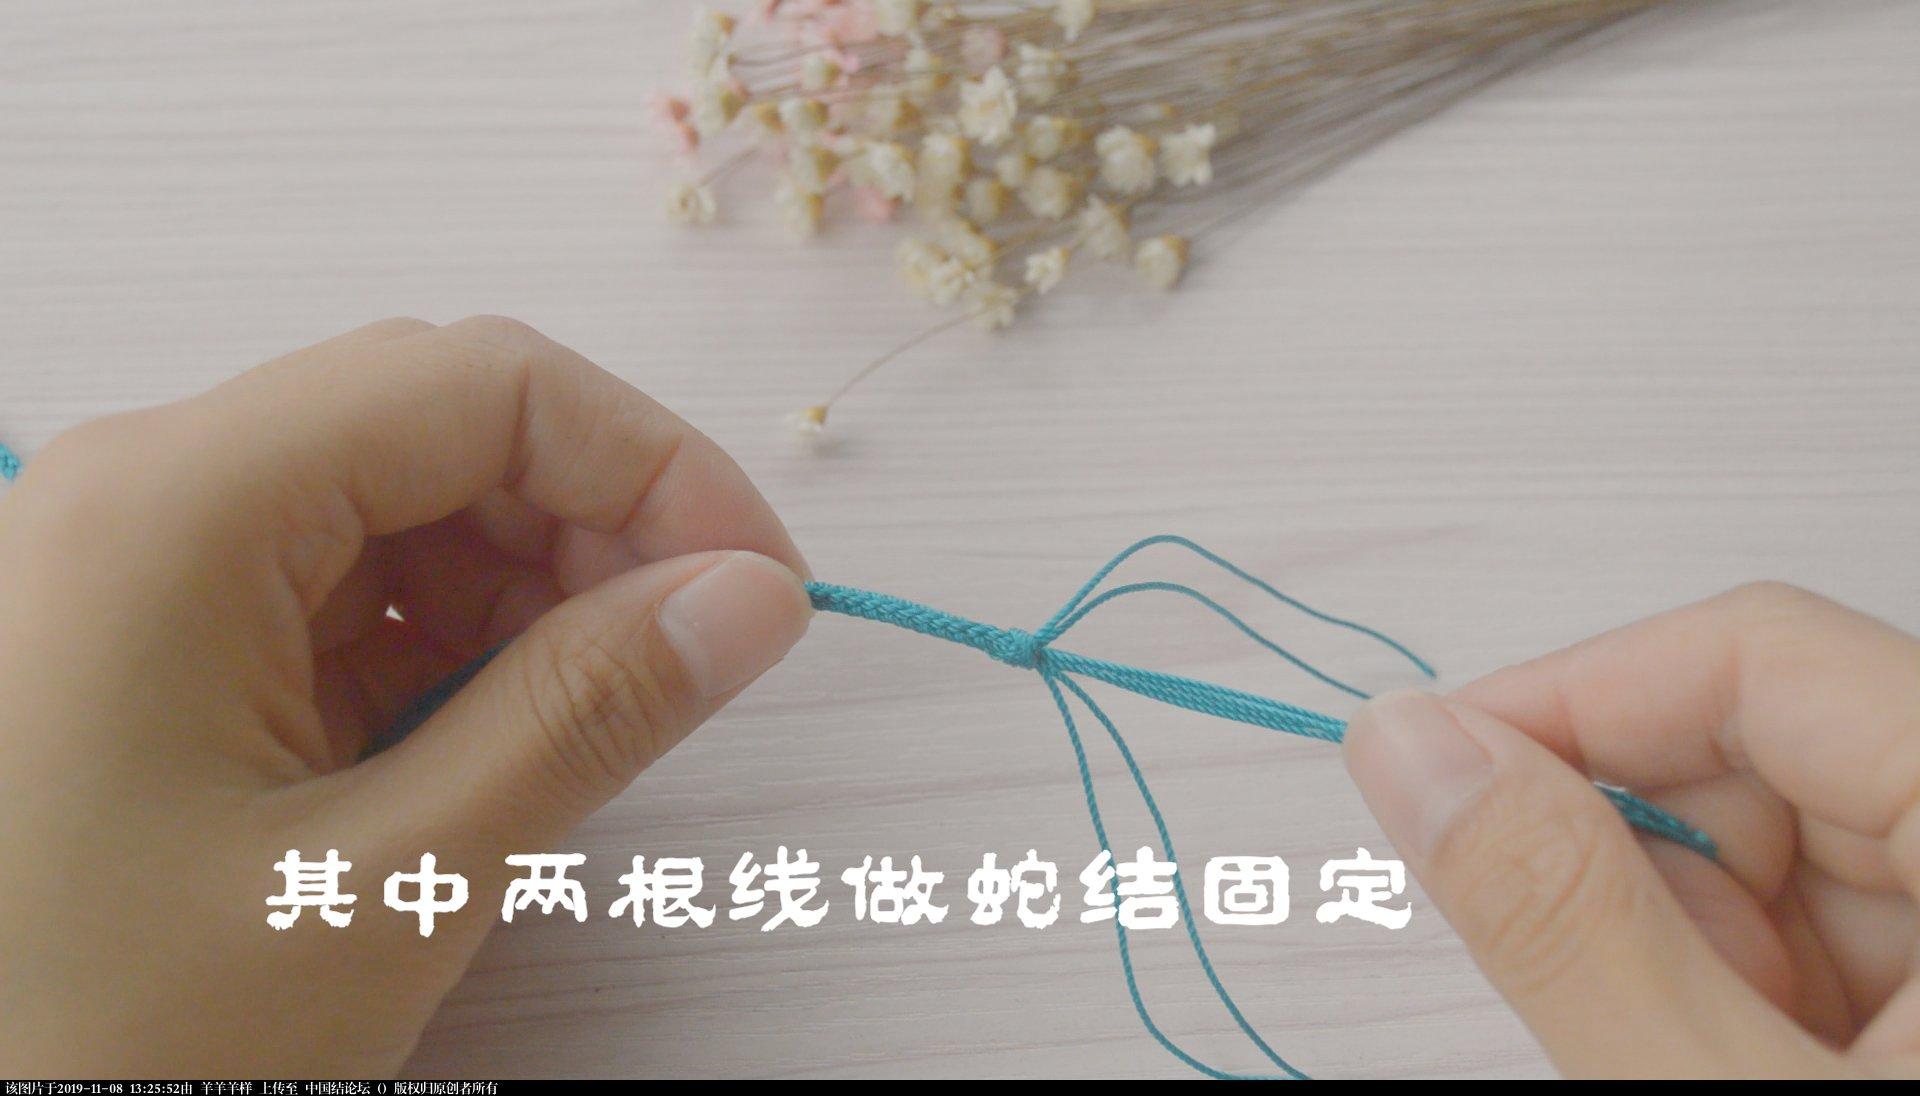 中国结论坛 冰花结只会用来做挂件?试试做一款属于自己的毛衣链,附视频教程  图文教程区 131814yohthqajcgtq9jy6